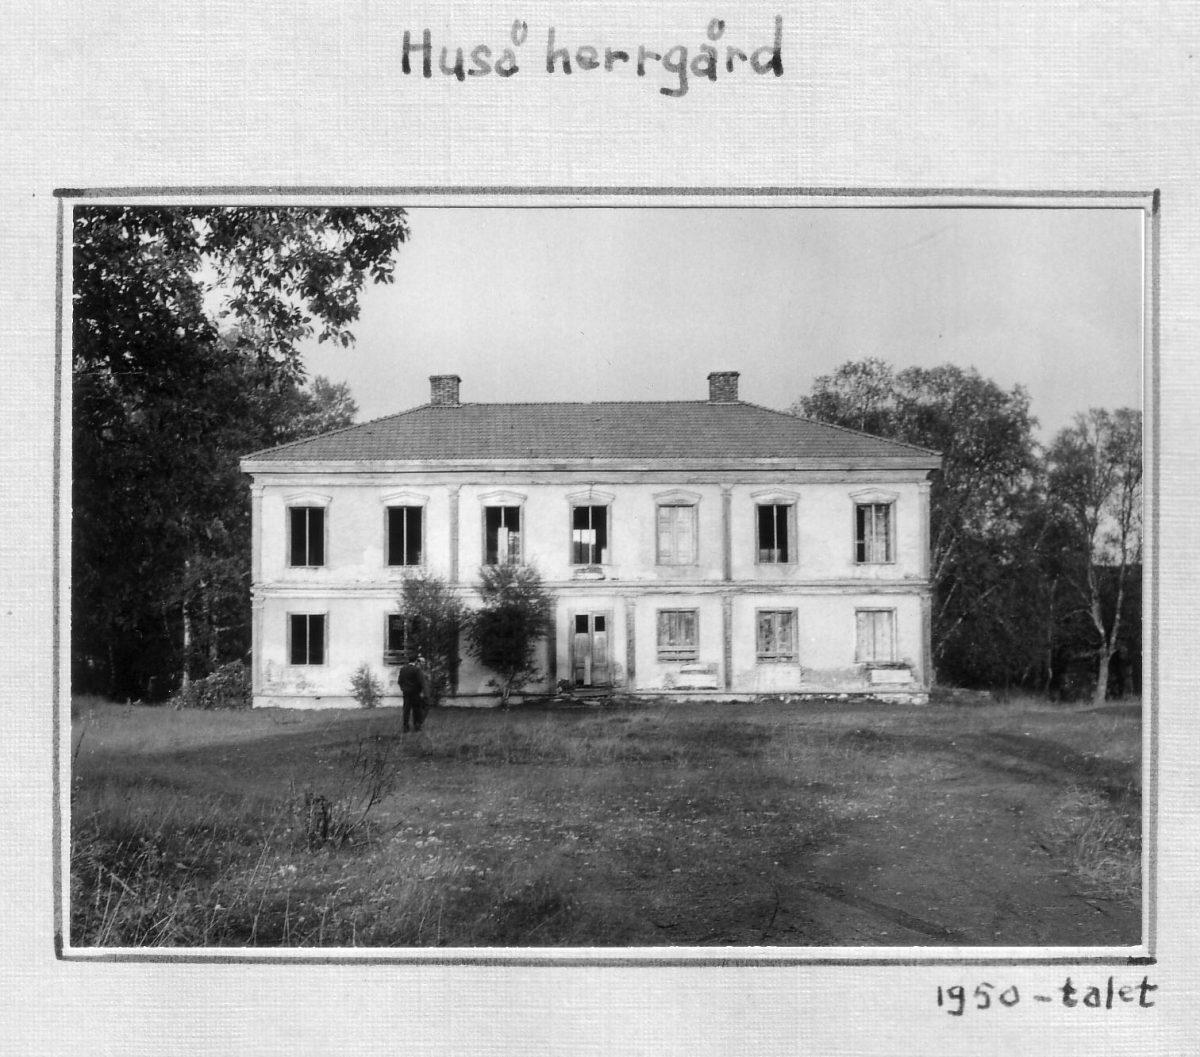 S.57 Huså Herrgård 1950-talet